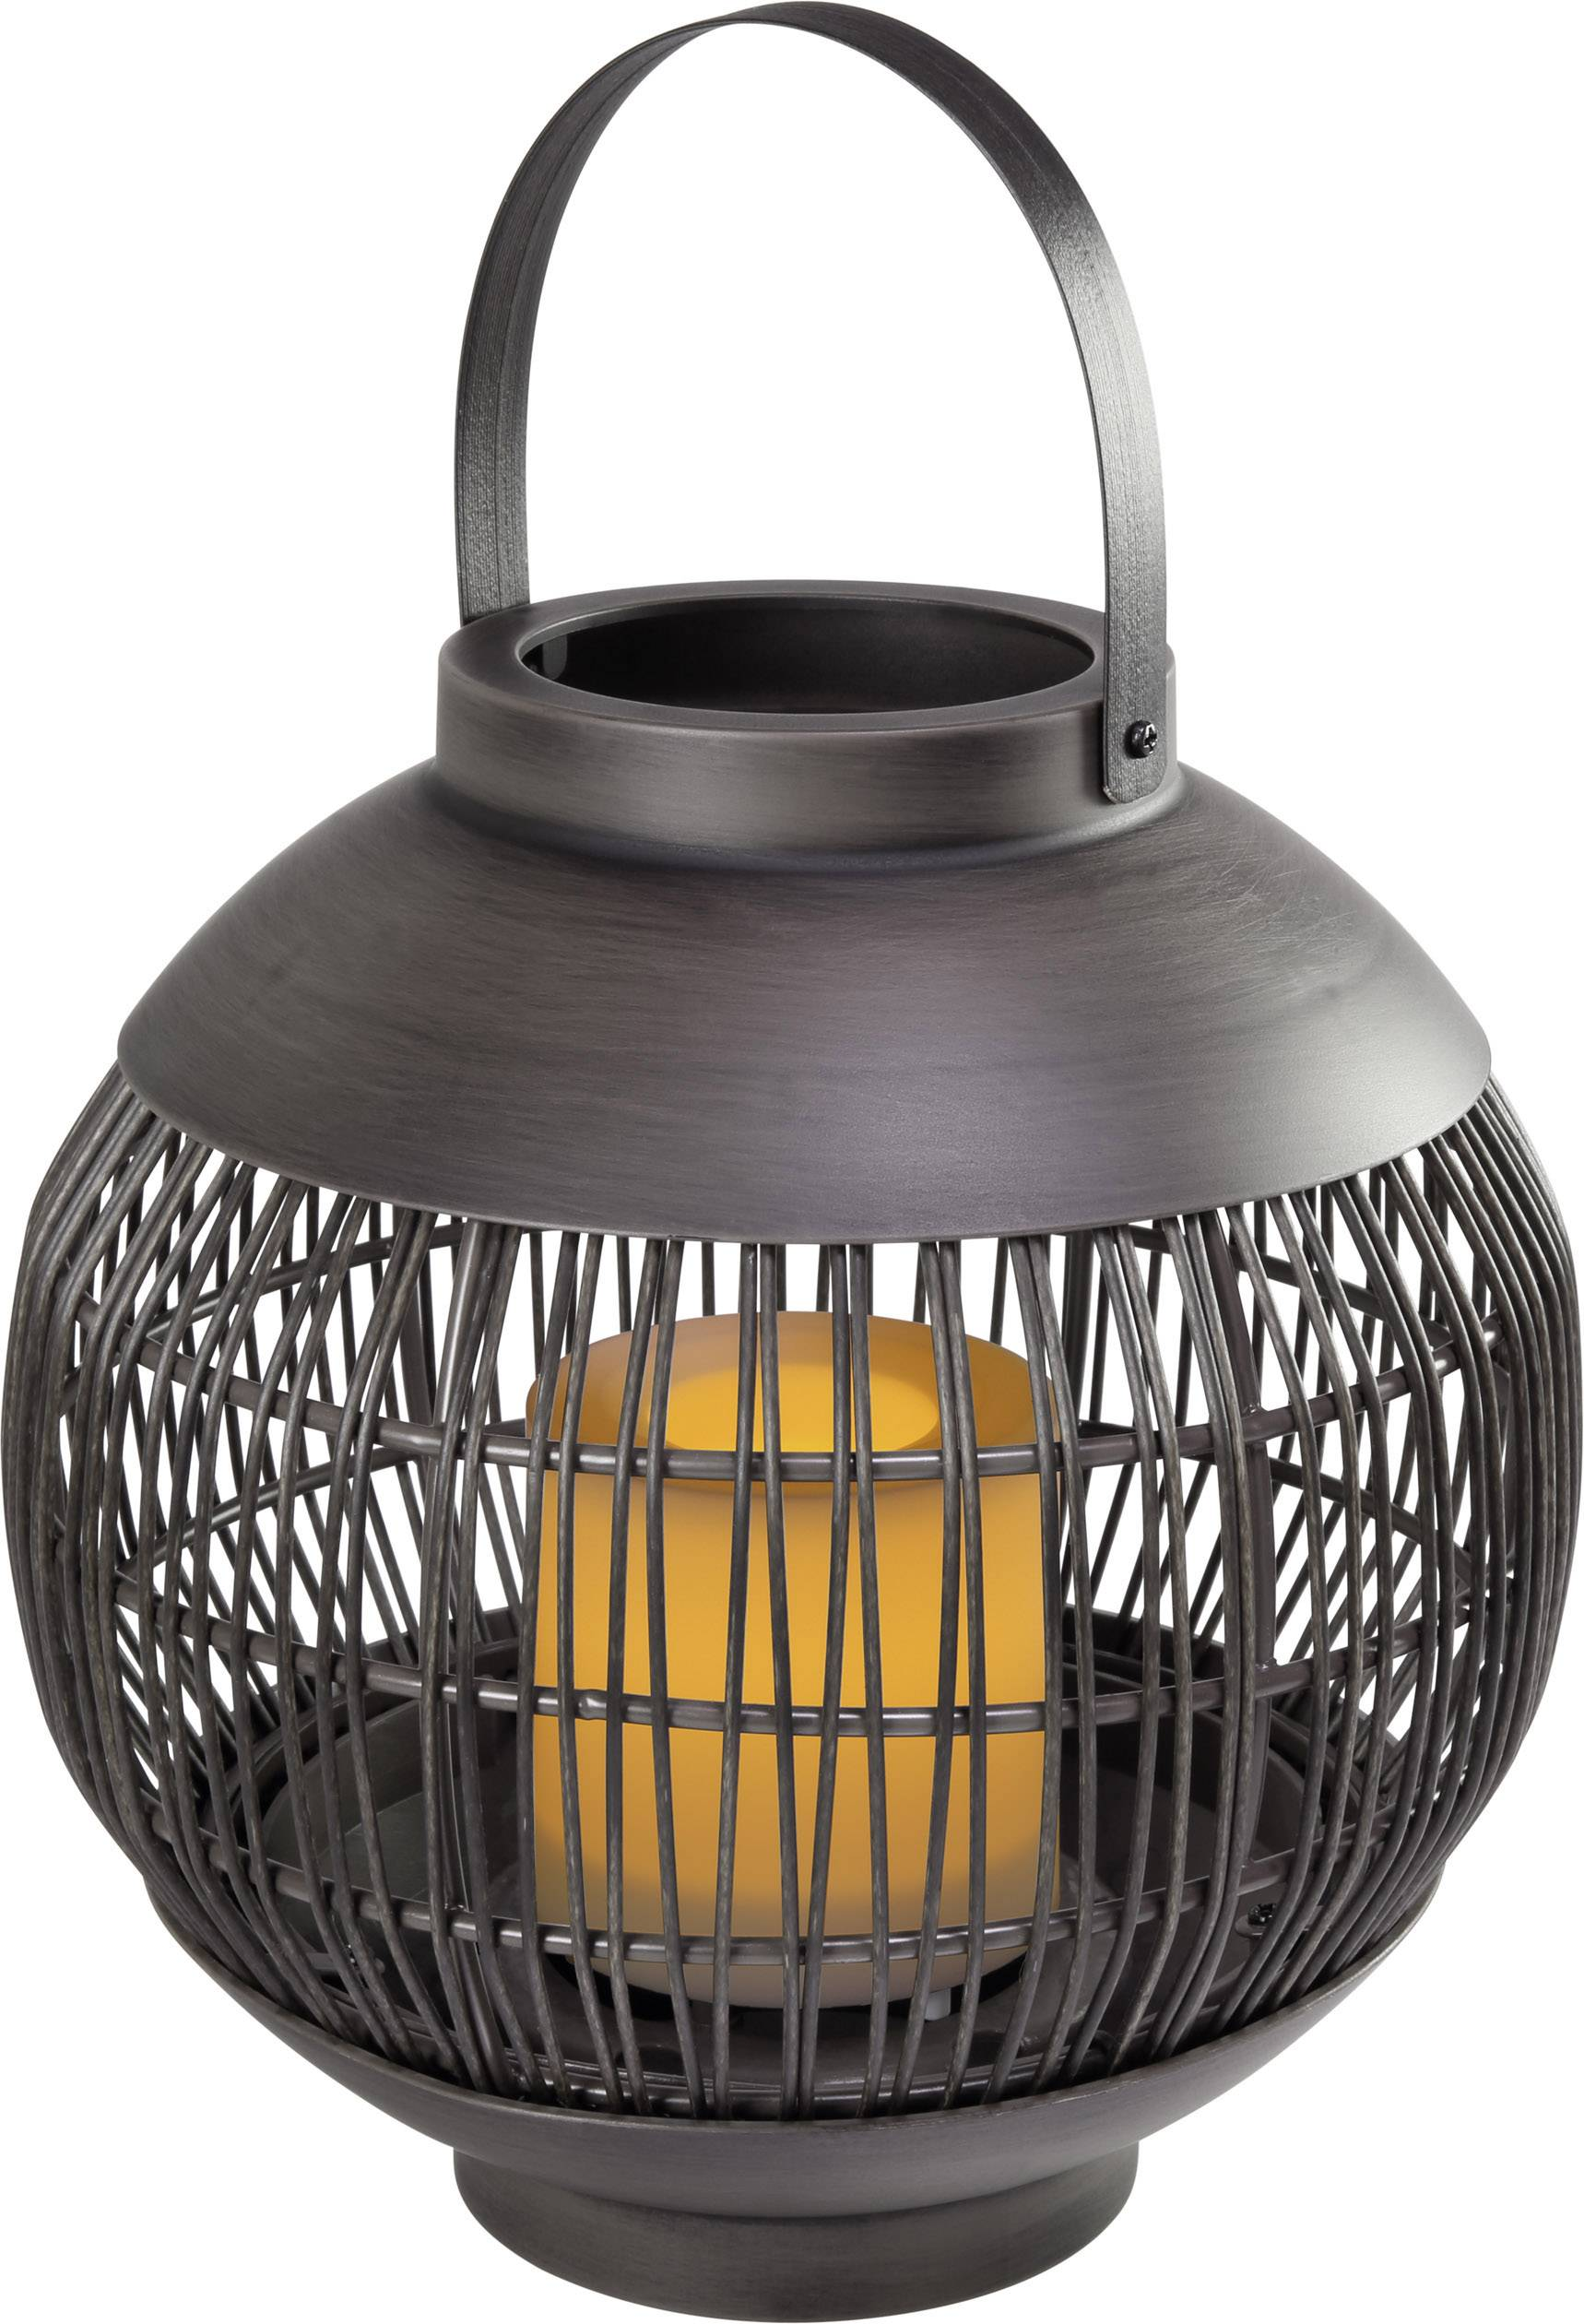 LED LED dekorační světlo Polarlite Rattan 220 PL-8372785, 0.06 W, černá